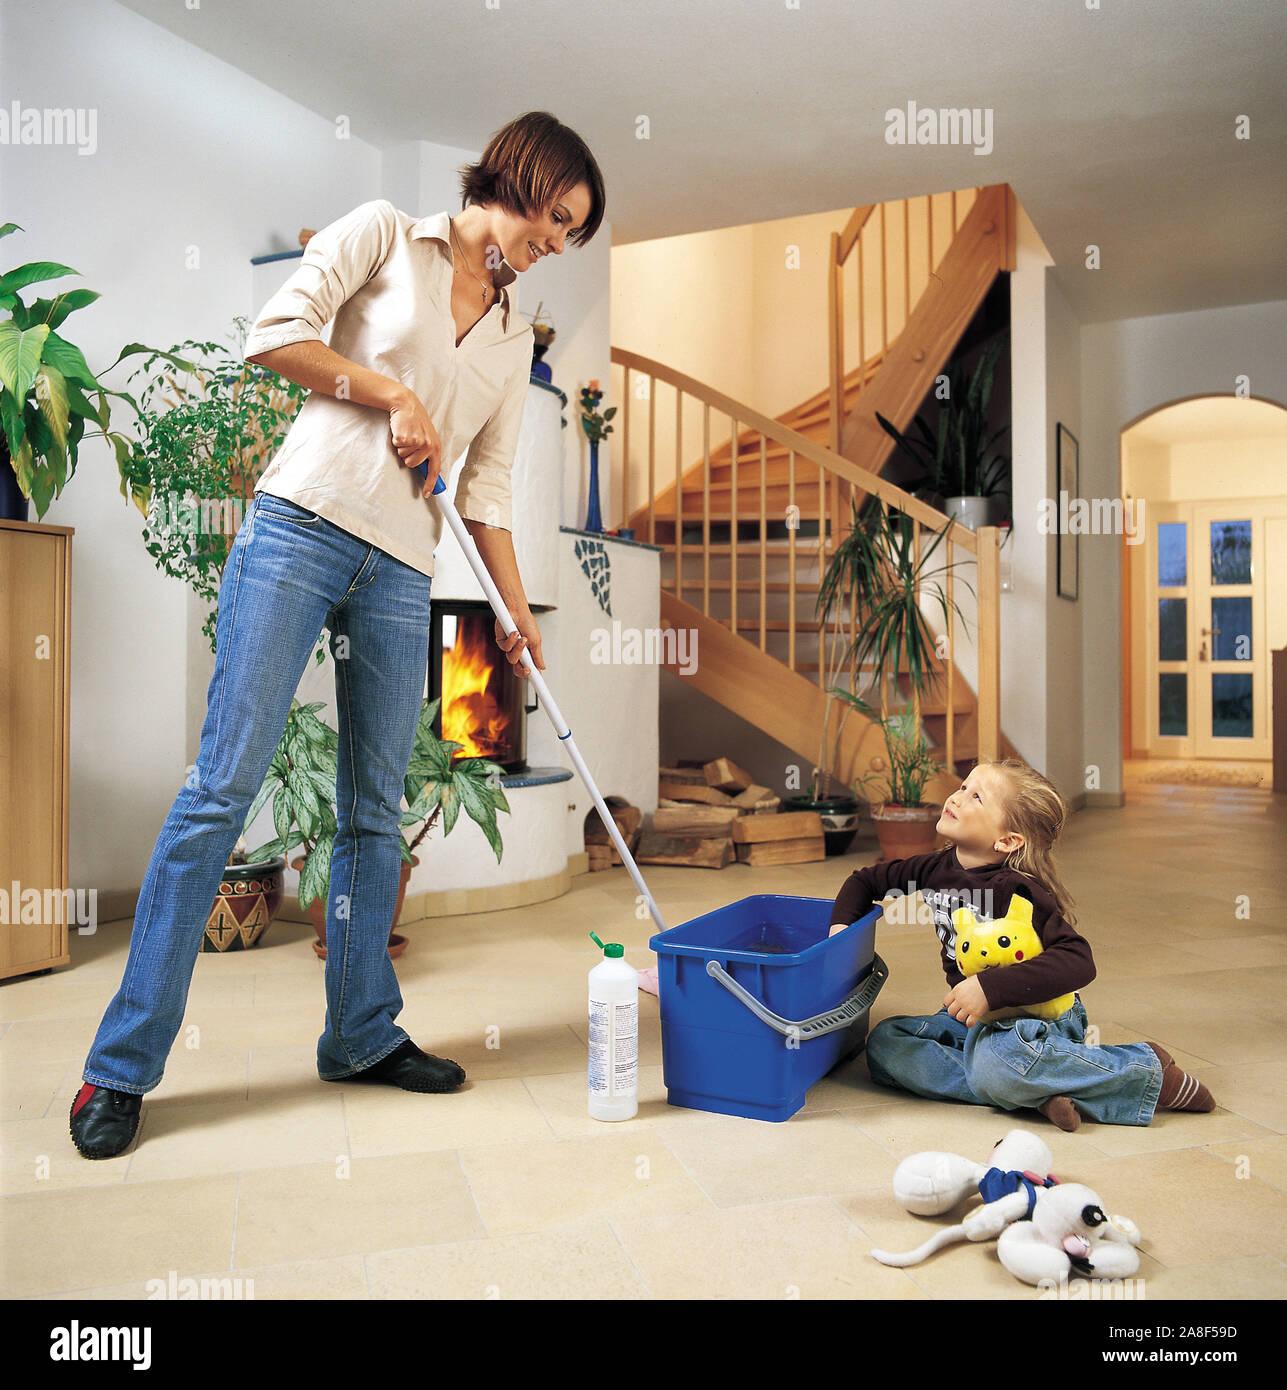 Junge Frau beim Putzen, 25, 30, Jahre, MR: Yes, wischt den Fussboden mit dem Wischmob, Stock Photo